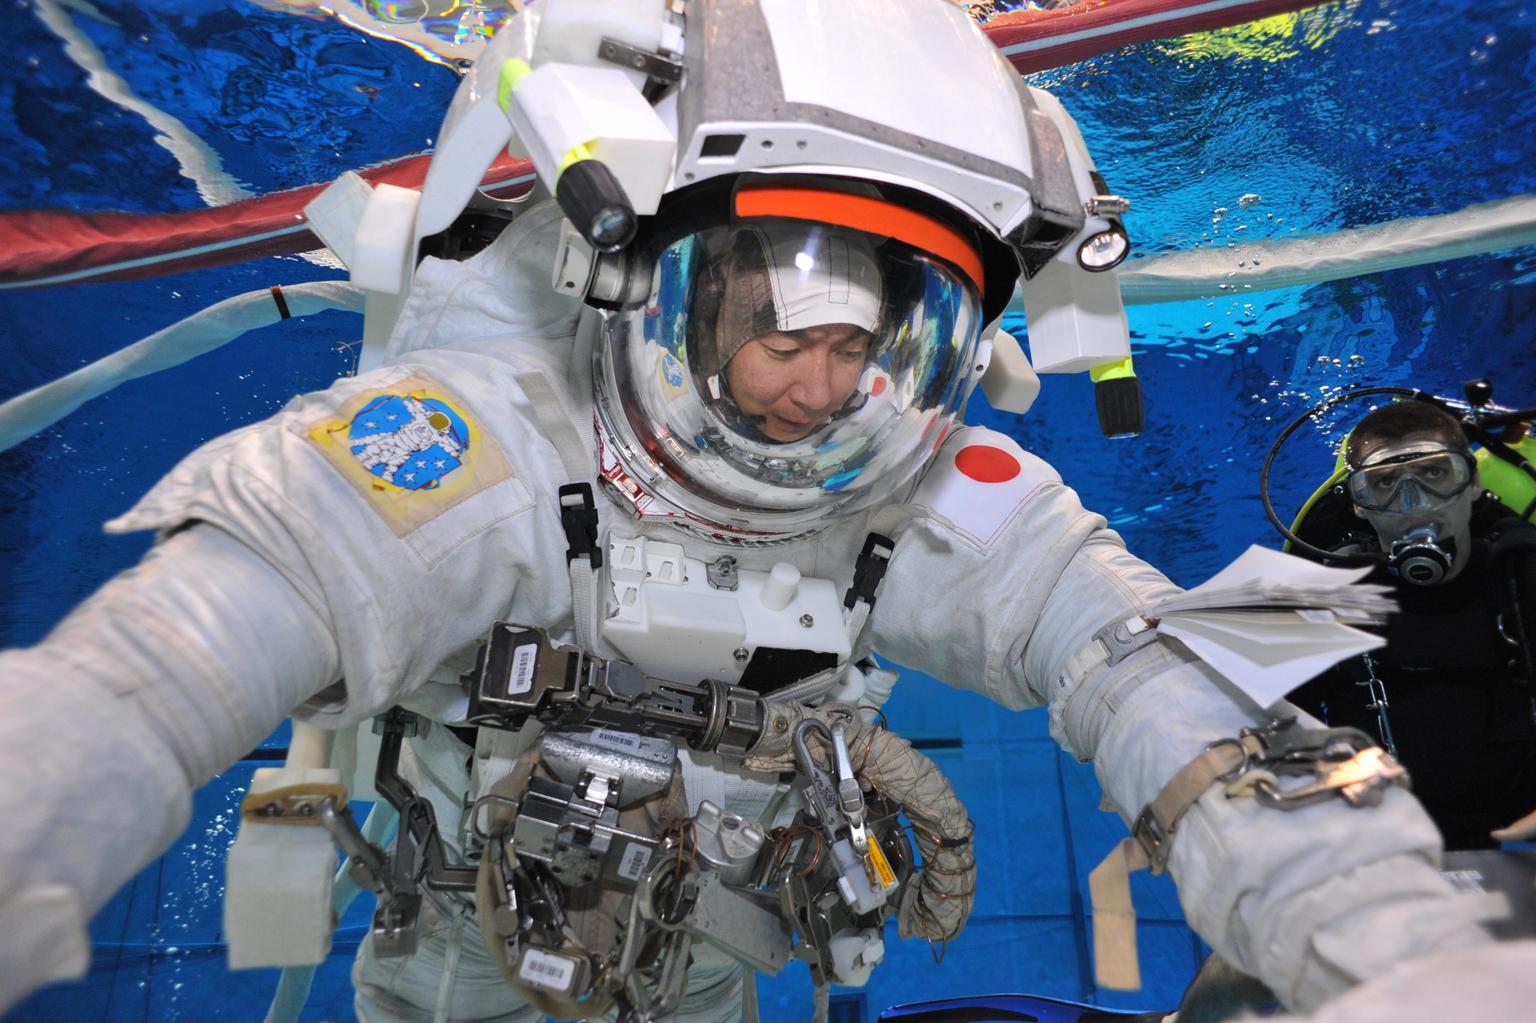 写真・図版 : プールの中で無重力の空間を模擬するには、ダイバーのサポートが必要不可欠(JAXA/NASA)